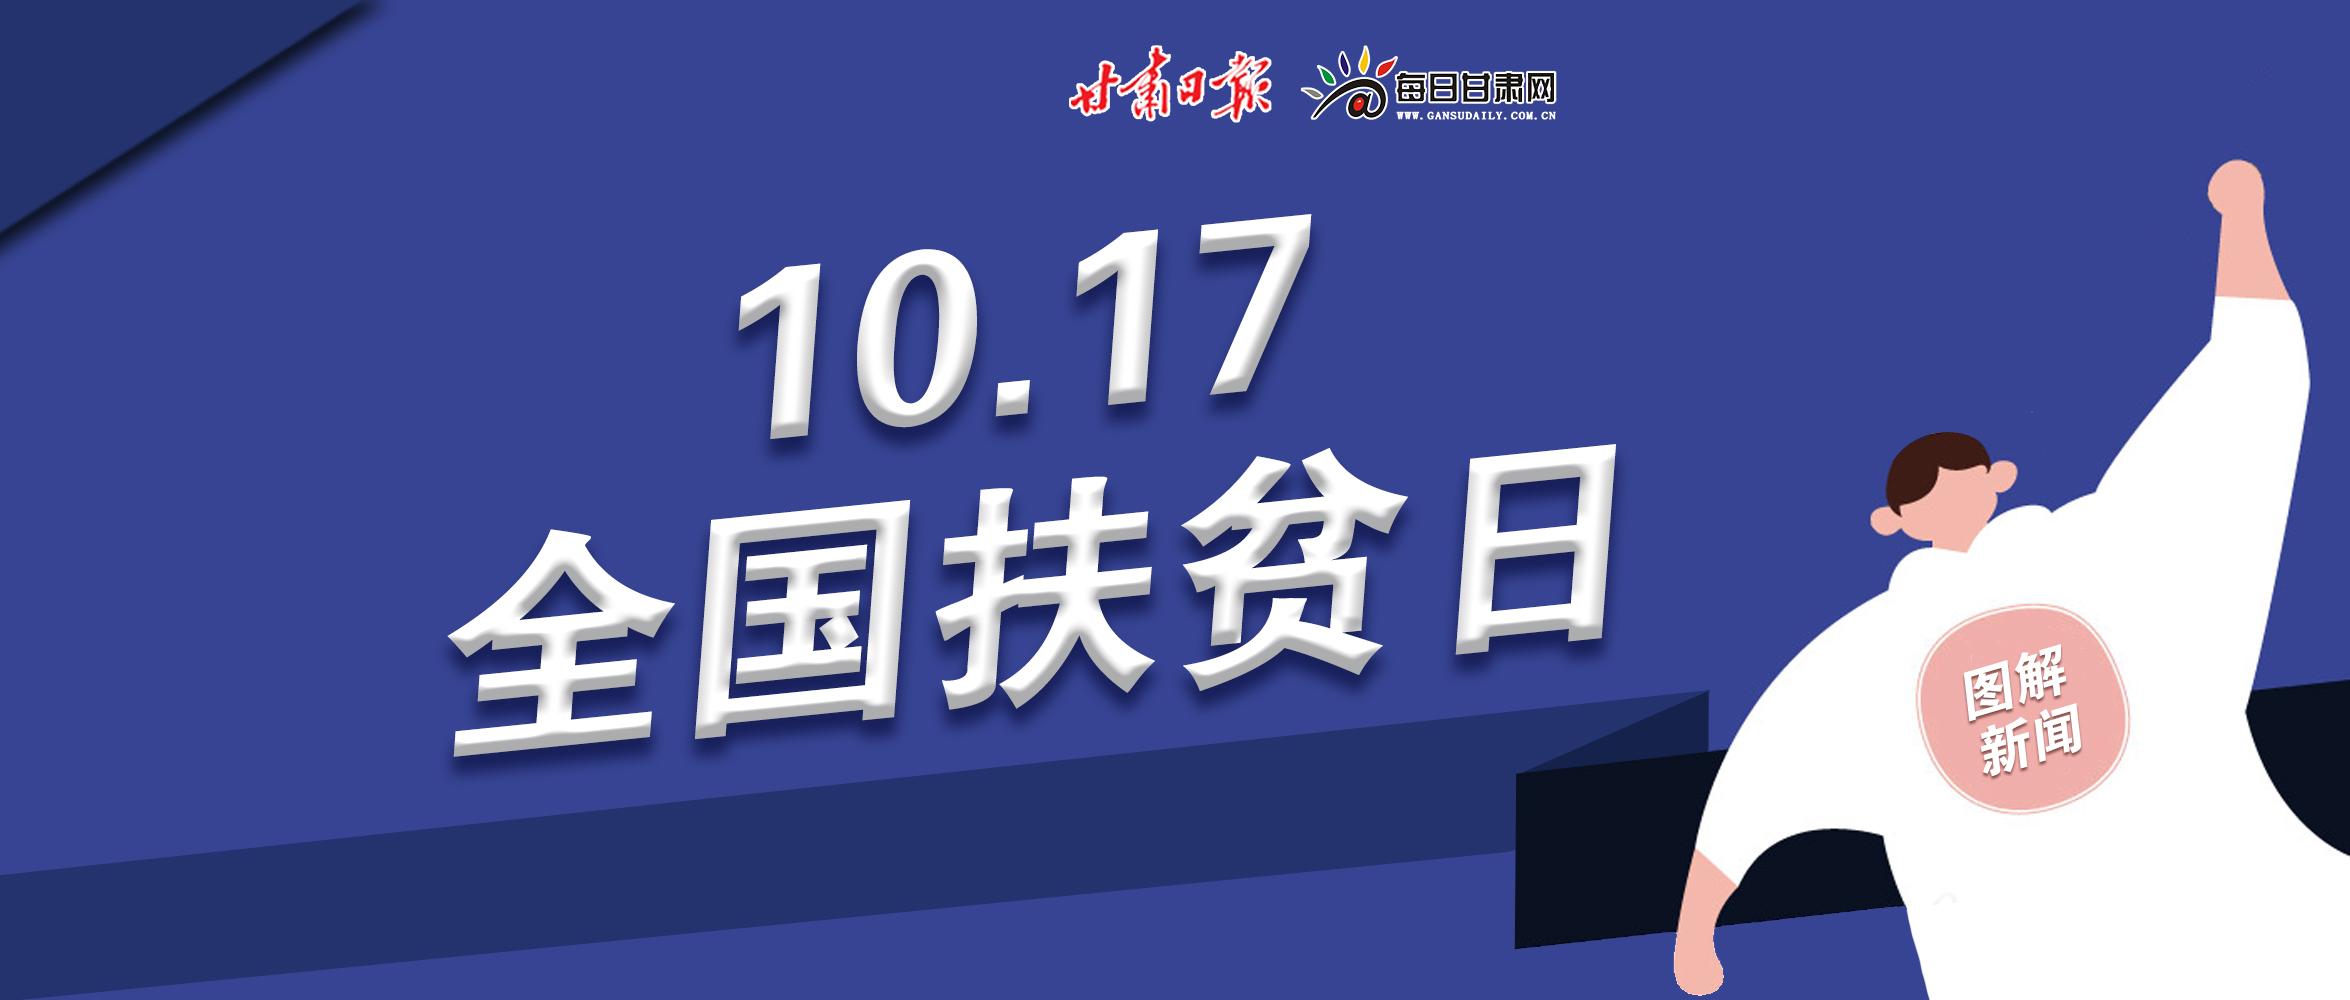 �D解 | 10.17全��扶�日